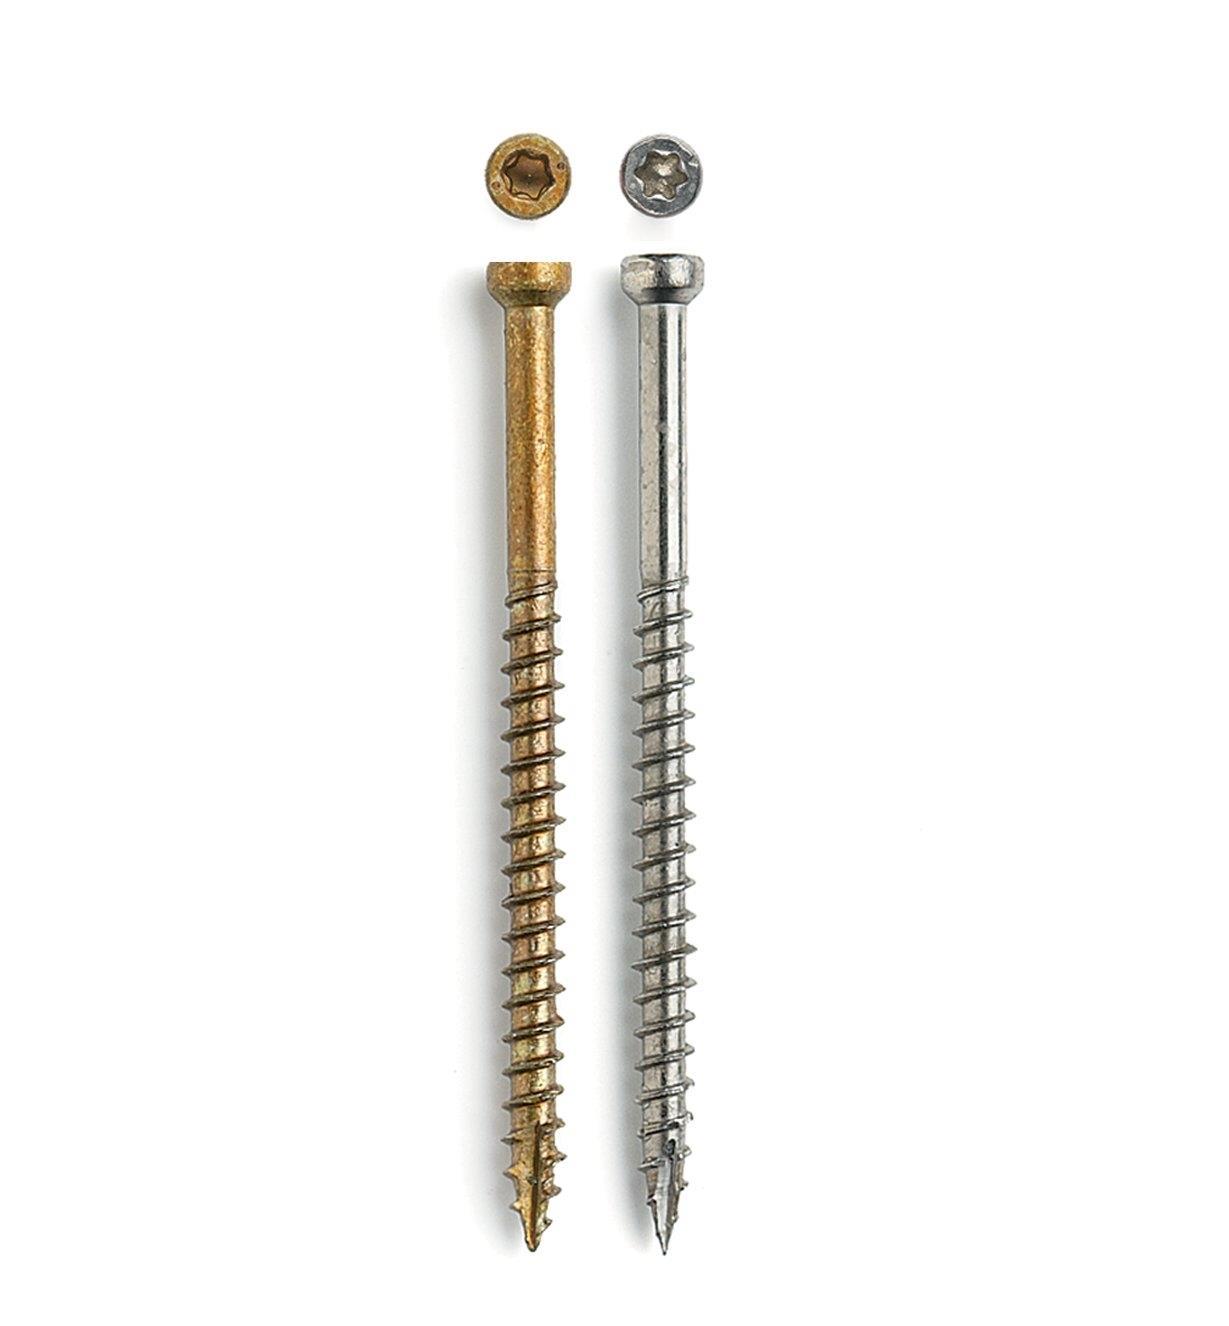 """93Z0462 - #8 x 1 1/2"""", Fin/Trim Screws, Stainless Steel/Pheinox, pkg. of 100 (incl. T-10 bit)"""